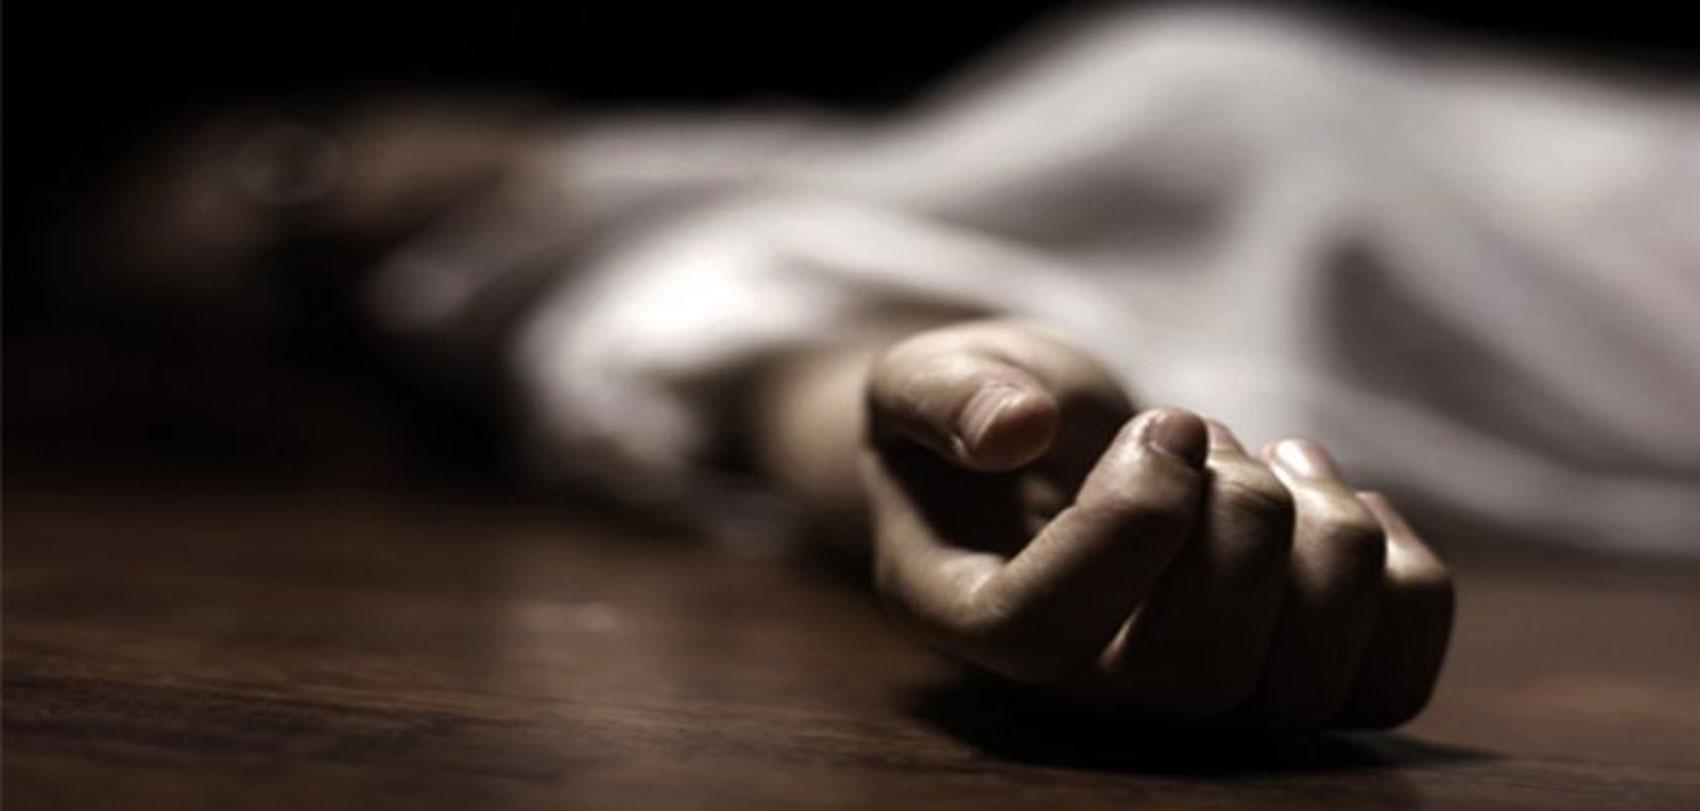 क्वारेन्टिनबाट घर फर्केका युवकको मृत्यु